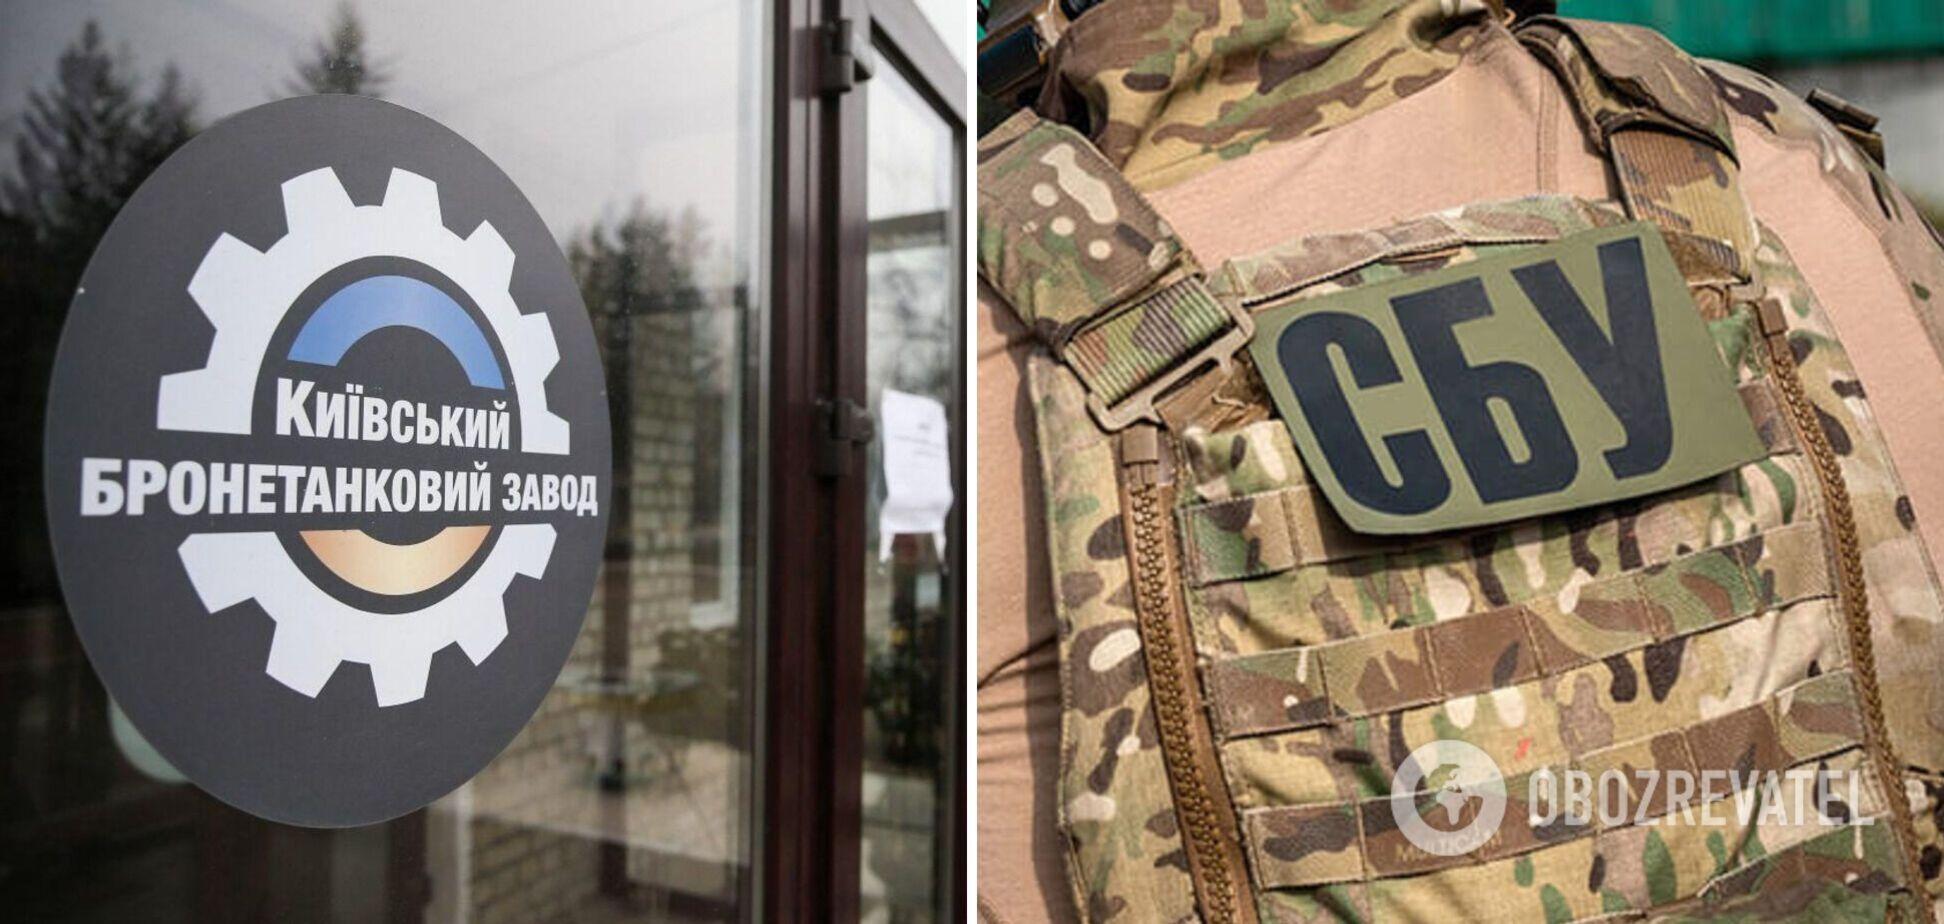 Злоумышленник работал на развал украинской оборонки